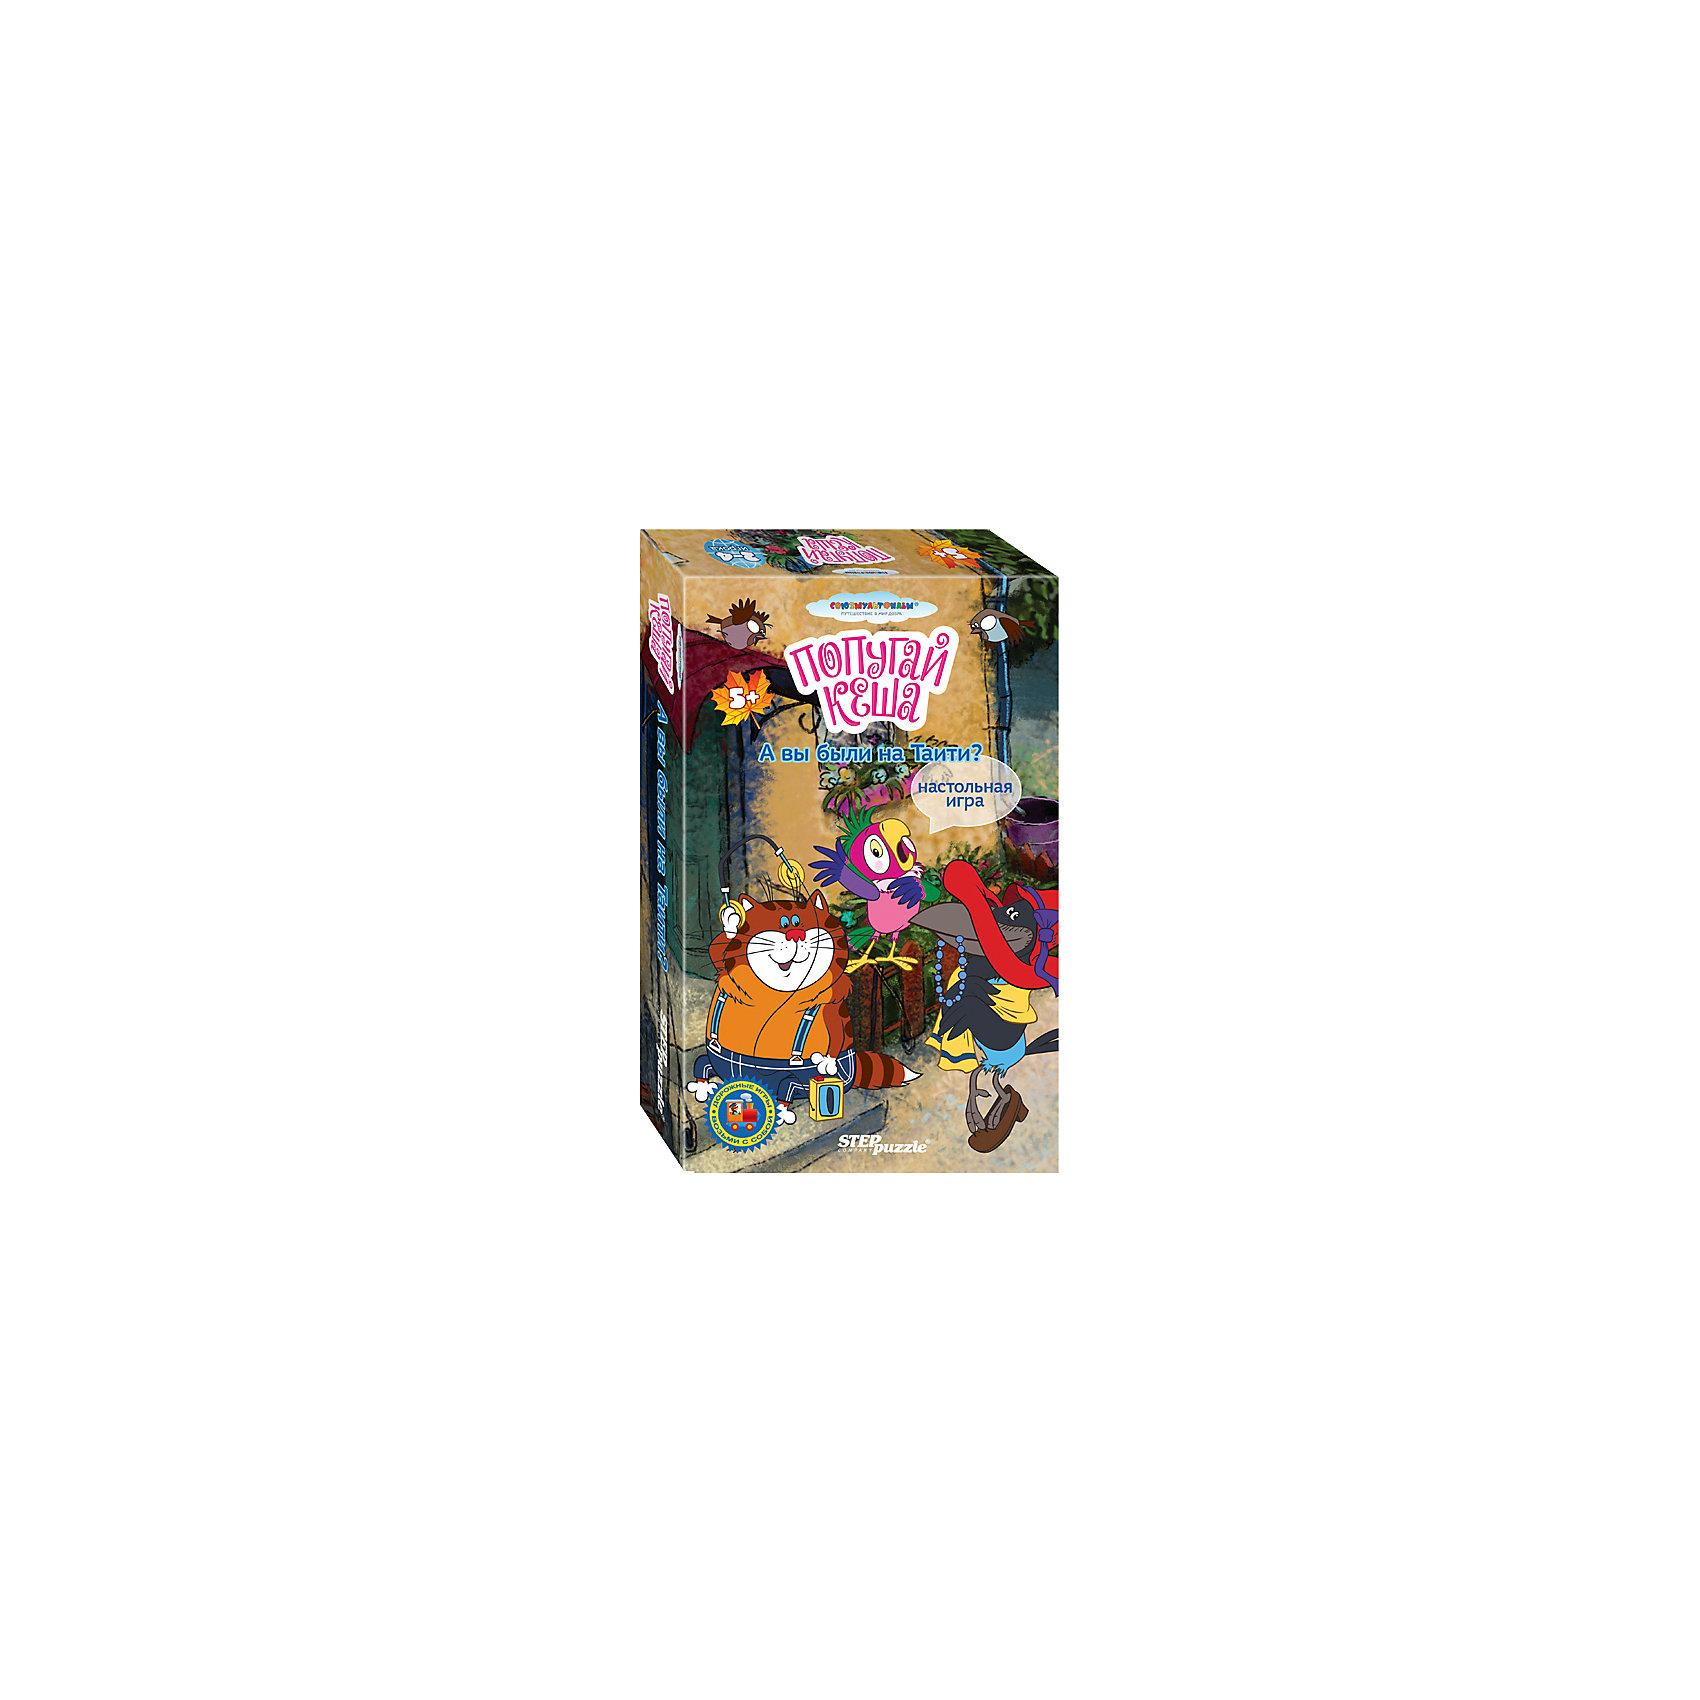 Игра А вы были на Таити, Step PuzzleИгры в дорогу<br>Игра А вы были на Таити, Step Puzzle (Степ Пазл) – это игра-ходилка для занимательных семейных вечеров и путешествий.<br>Игра А вы были на Таити? - это настольная игра, созданная по мотивам советского мультфильма про попугая Кешу. В комплект входят две игровые вставки, 4 фишки на подставках, изображающие героев мультфильма, планшет со стрелкой и 35 тематических карточек. С помощью вертушки игроки определяют задания, выполнив которые, получают право сдвинуть вперед свою фигурку на игровом поле. Задания изображены на карточках. Победит тот, кто первым доберется до финиша. Игра способствует развитию внимания, памяти, расширяет кругозор. Благодаря небольшим размерам игру можно брать с собой в дорогу и в гости.<br><br>Дополнительная информация:<br><br>- В комплекте: 2 игровые вставки; 4 фишки; 35 карточек; планшет со стрелкой; инструкция<br>- Материал: картон<br>- Количество игроков: от 2 до 4 человек<br>- Продолжительность игры: 20 мин<br>- Упаковка: картонная коробка<br>- Размер упаковки: 14х4х22 см.<br>- Вес: 208 гр.<br><br>Игру А вы были на Таити, Step Puzzle (Степ Пазл) можно купить в нашем интернет-магазине.<br><br>Ширина мм: 140<br>Глубина мм: 40<br>Высота мм: 220<br>Вес г: 400<br>Возраст от месяцев: 60<br>Возраст до месяцев: 120<br>Пол: Унисекс<br>Возраст: Детский<br>SKU: 4588242